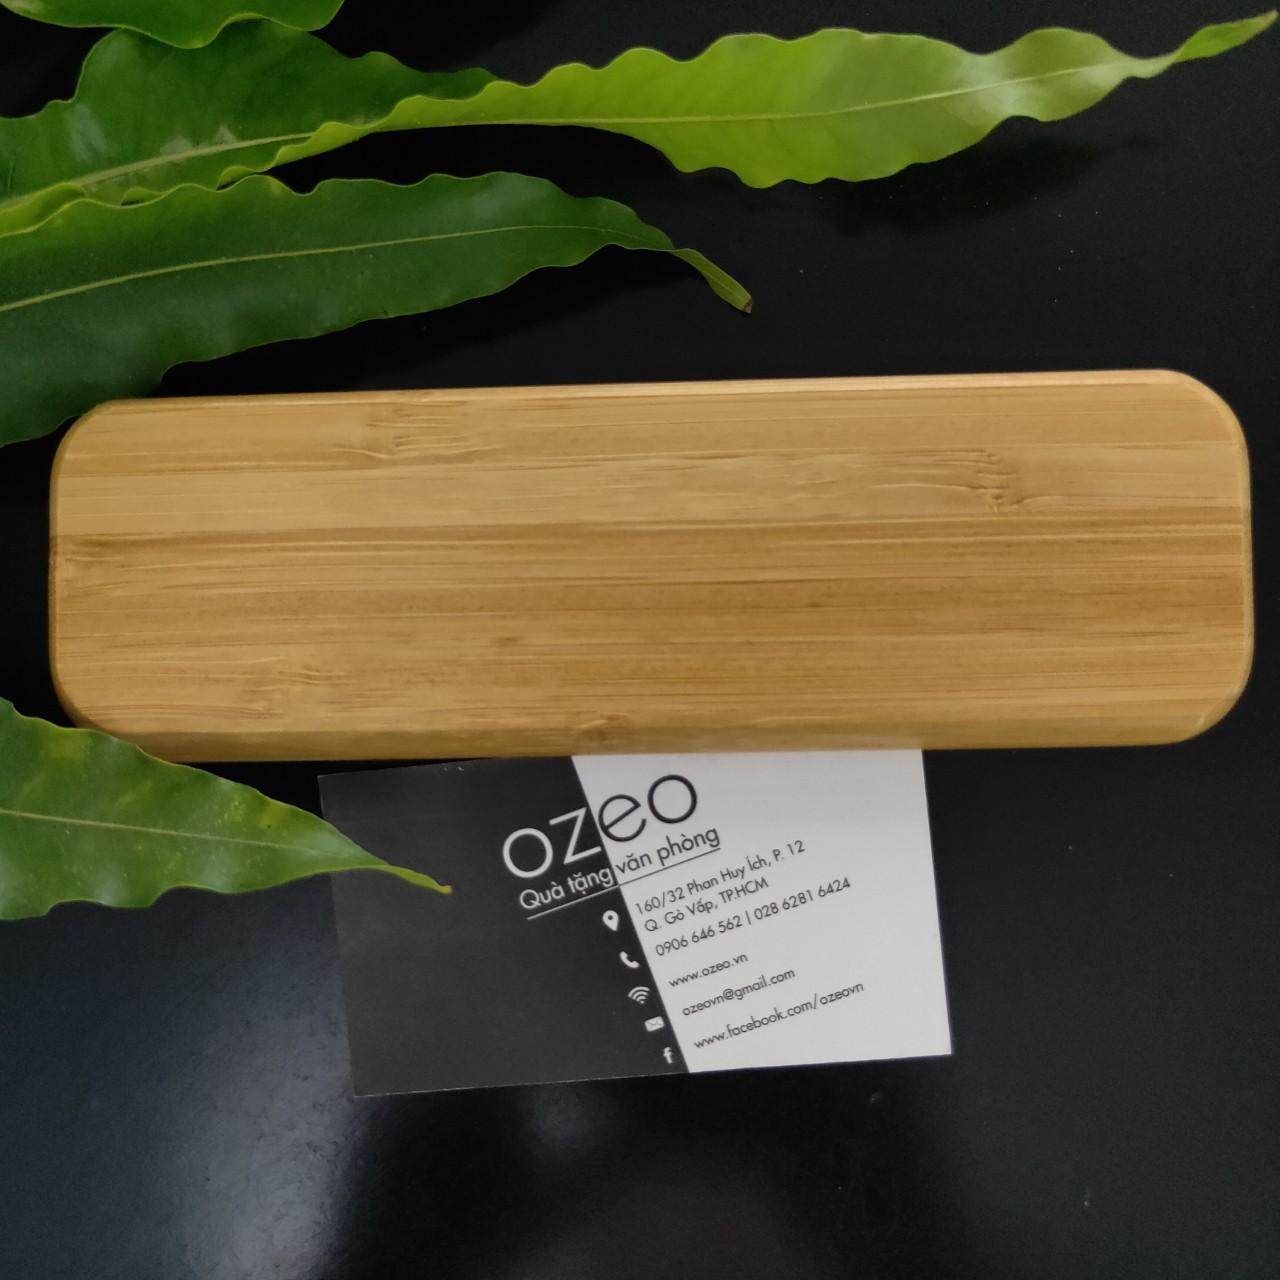 Hộp đựng bút bằng tre với vẻ đẹp giản đơn với màu vân gỗ tre tự nhiên